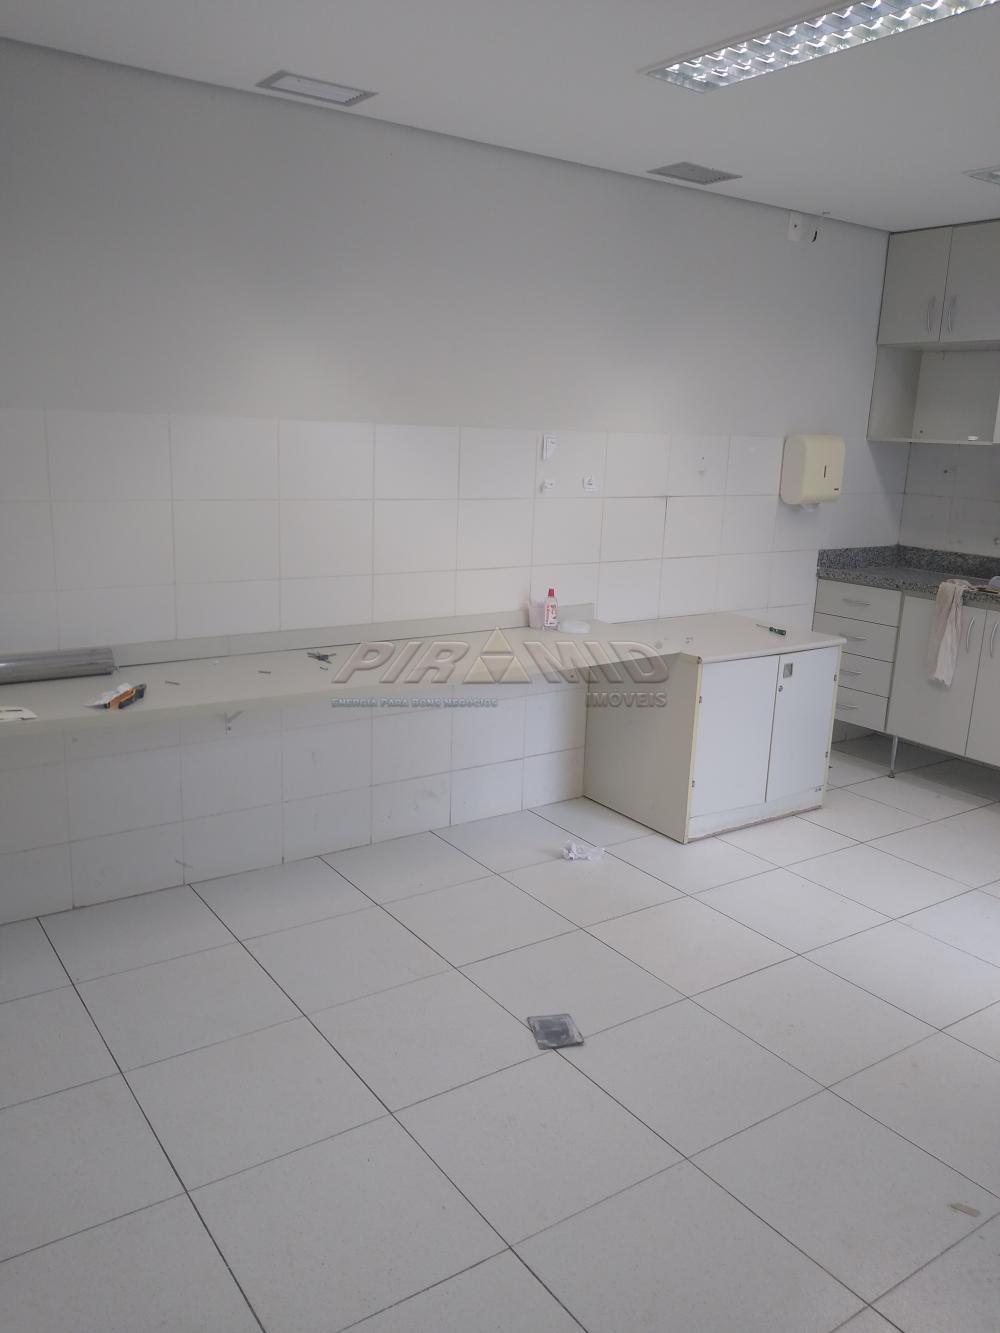 Alugar Comercial / Prédio em Ribeirão Preto apenas R$ 16.000,00 - Foto 58